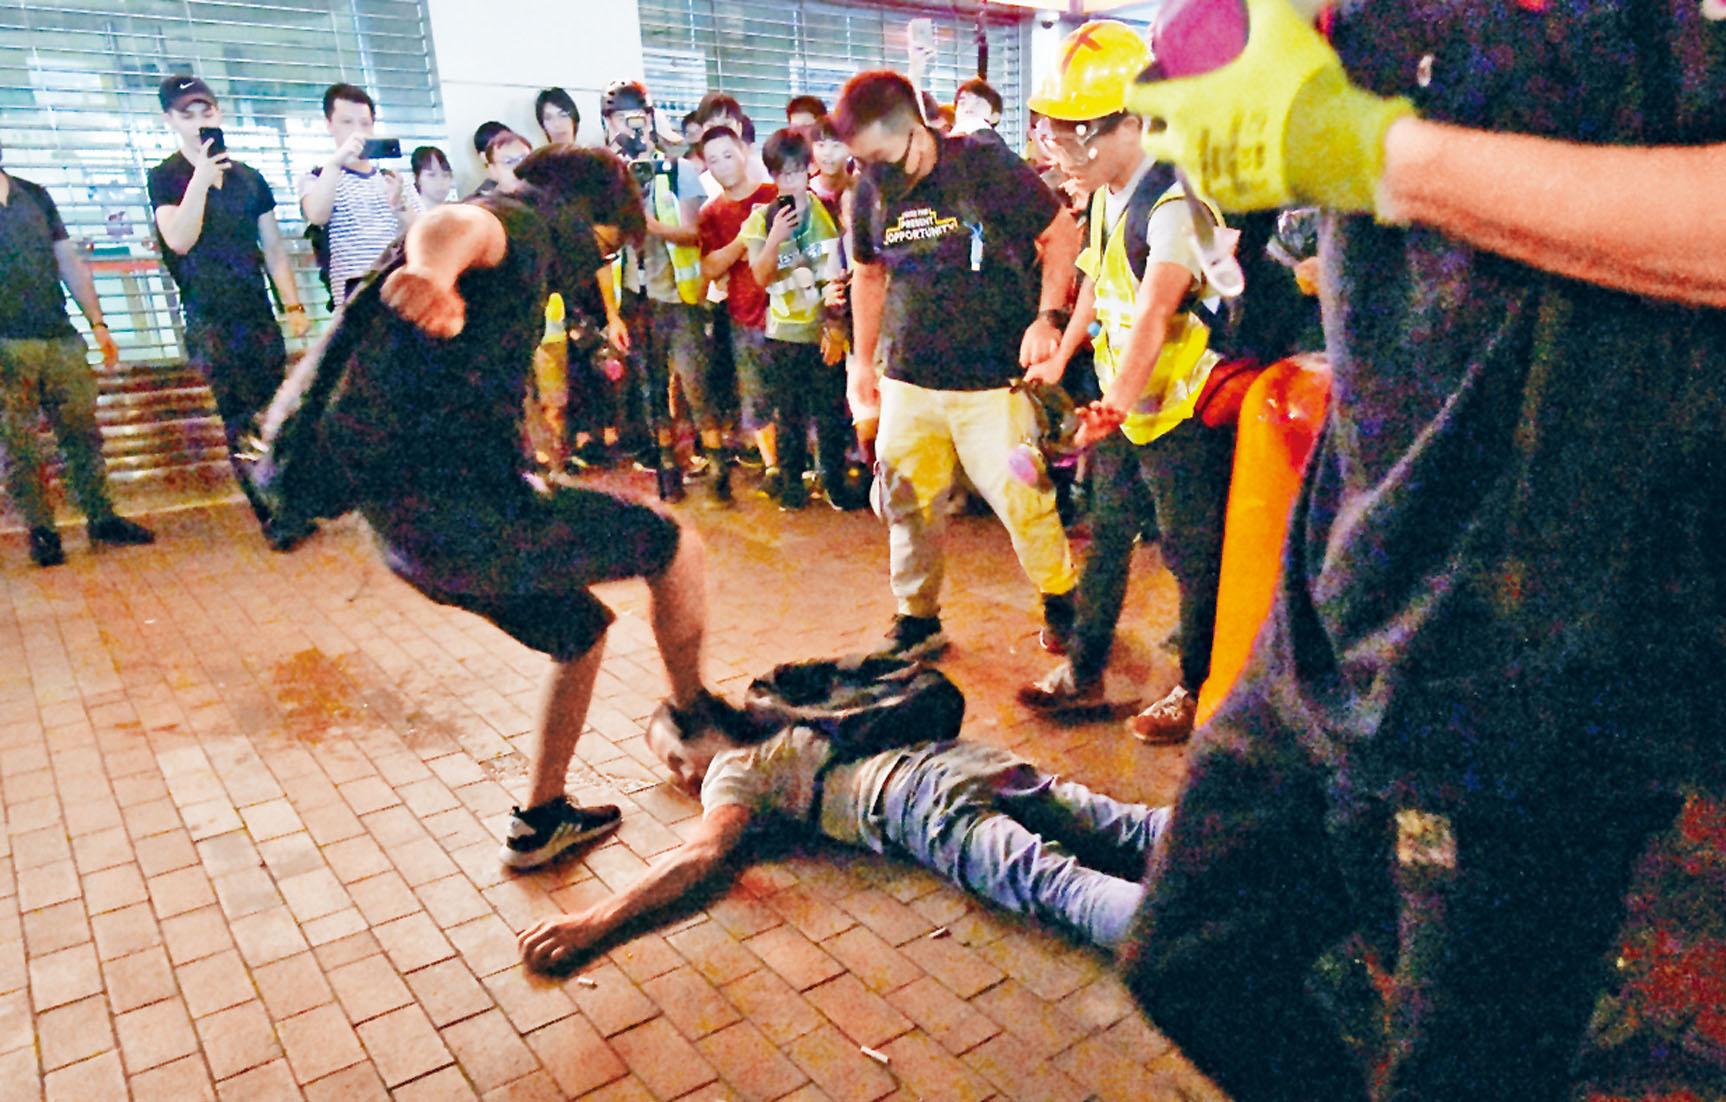 一男子被指非禮遭打至倒地踩背。本報記者蘇正謙攝